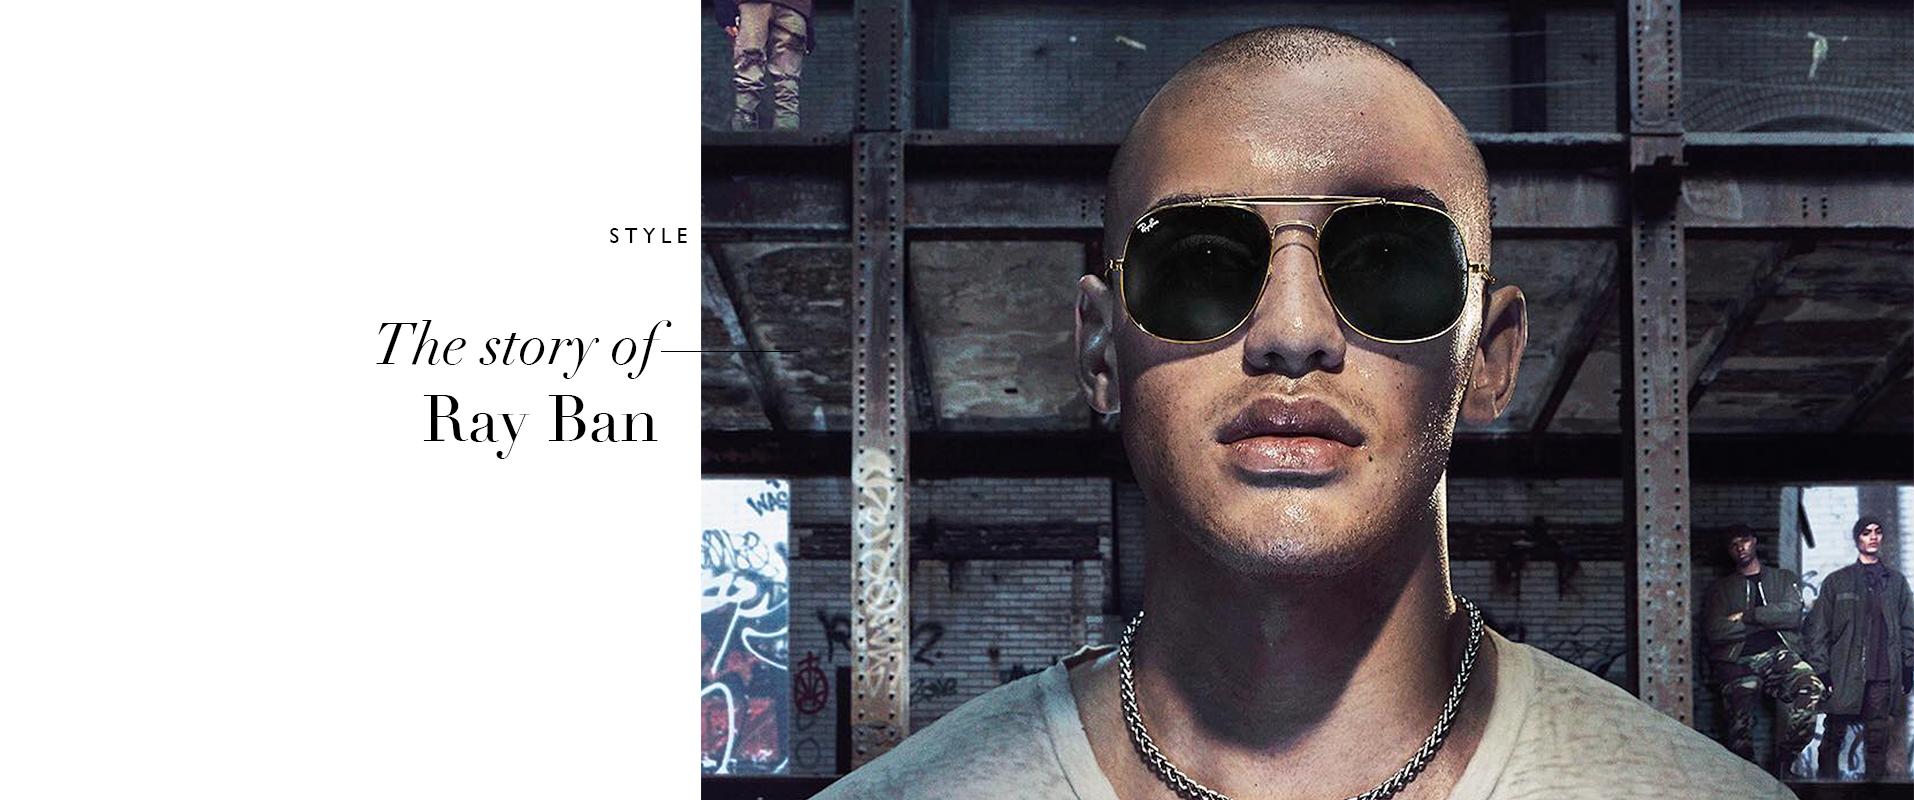 ray ban shop jsrb  Shop Ray Ban